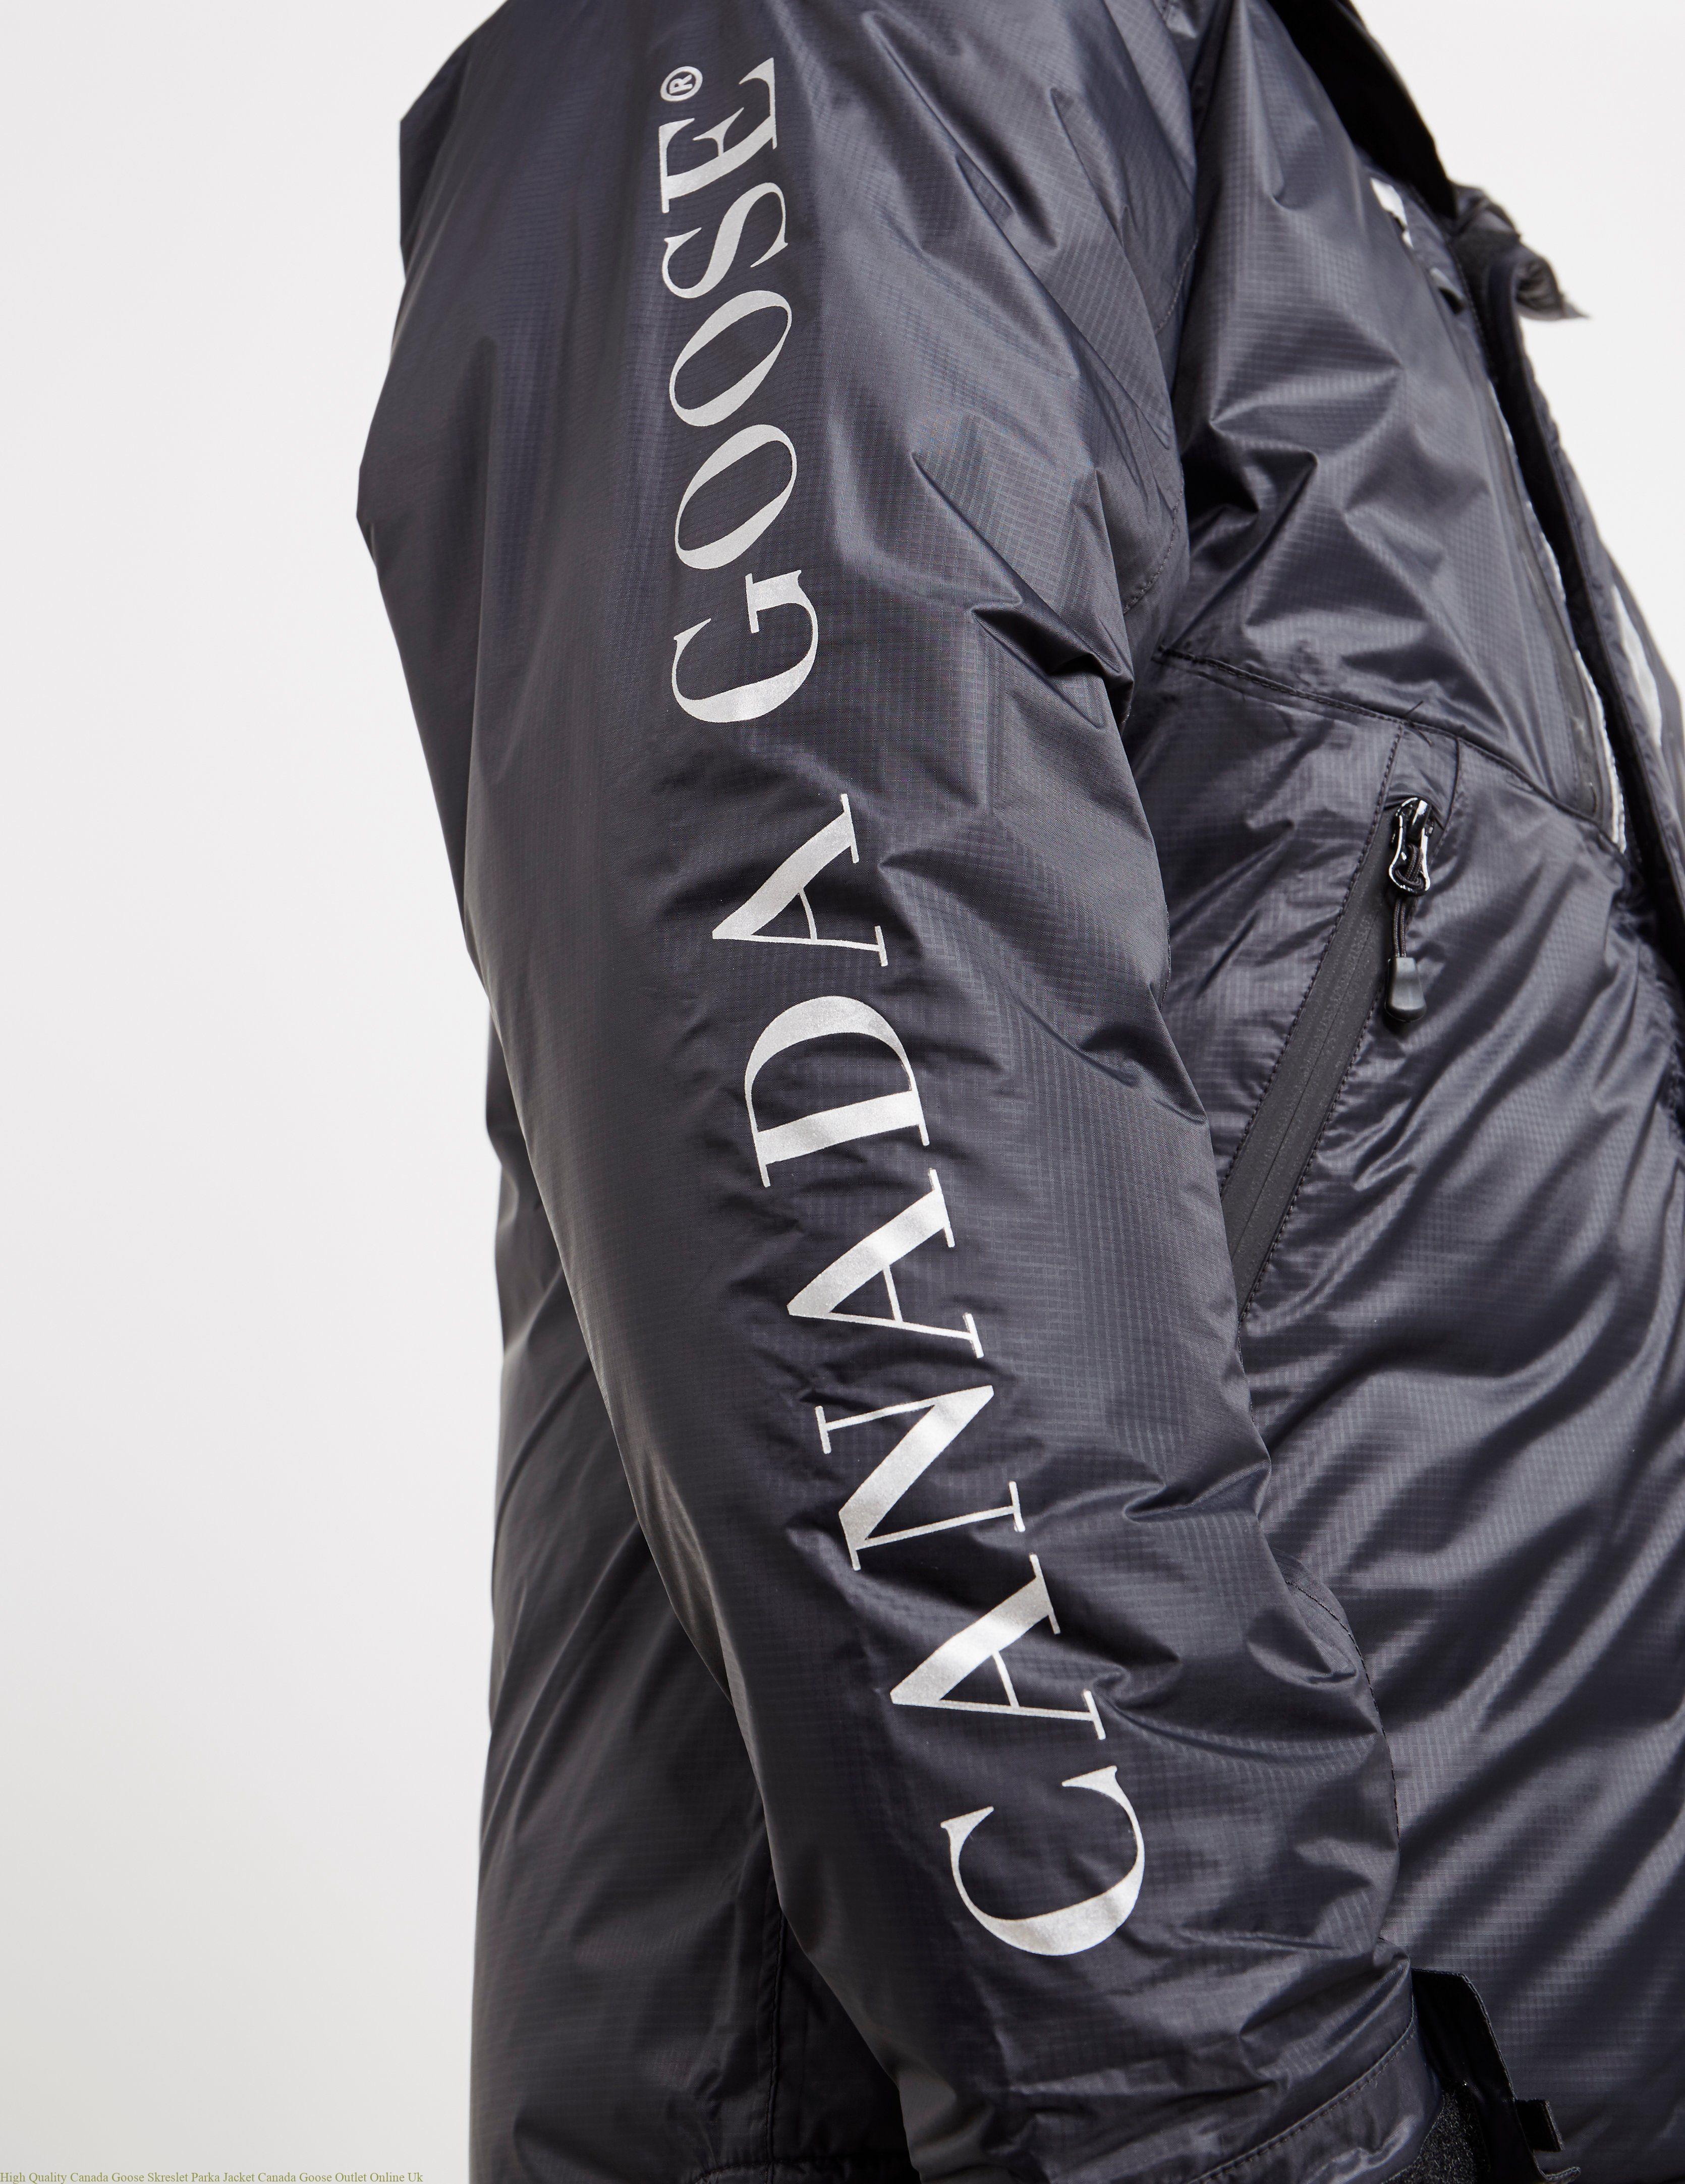 newest 1f504 14cea High Quality Canada Goose Skreslet Parka Jacket Canada Goose Outlet Online  Uk